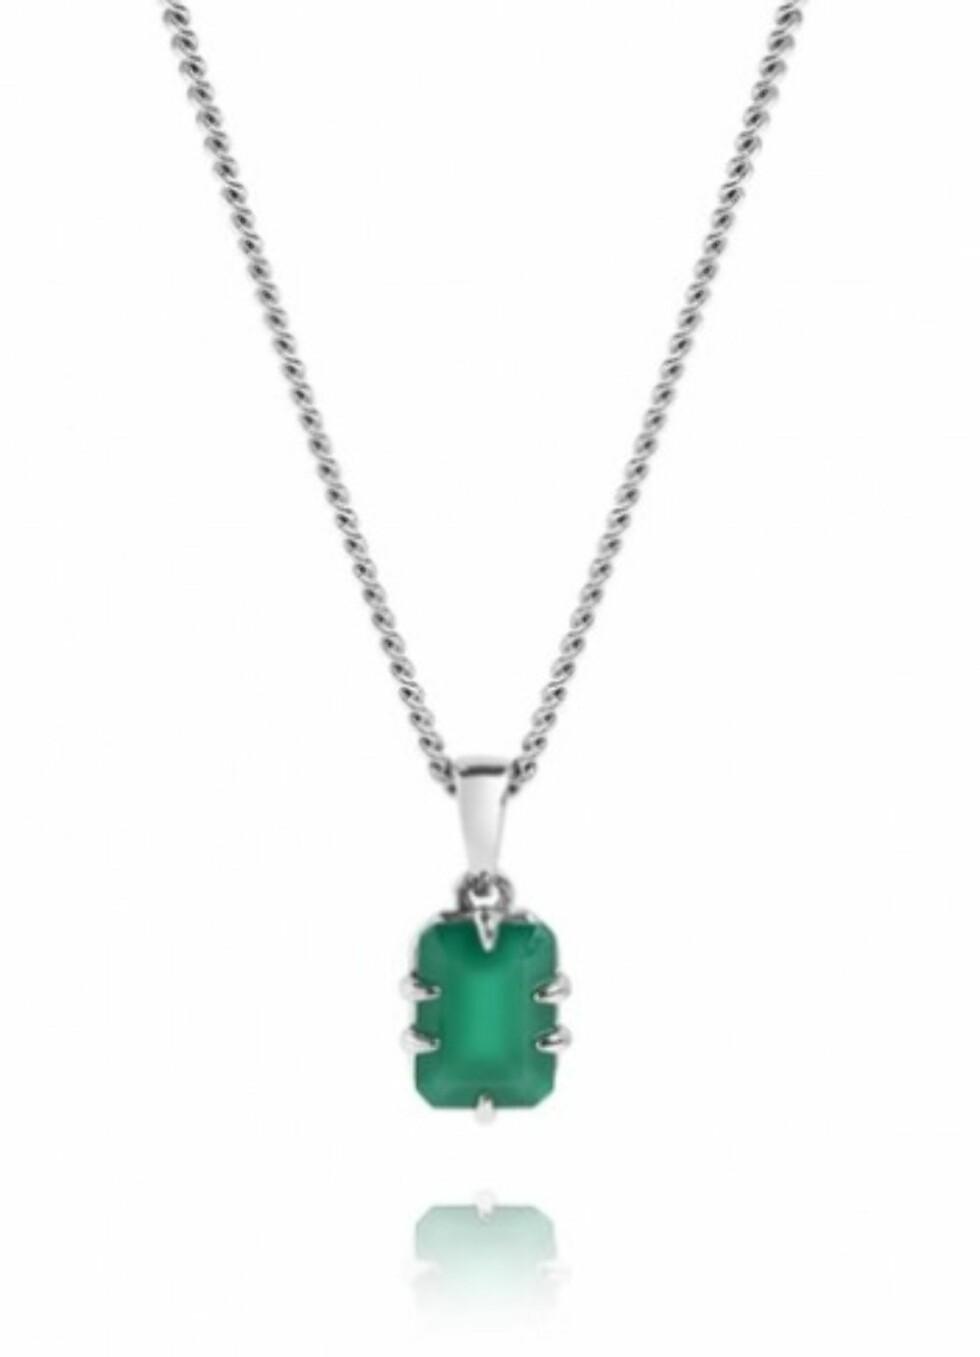 Kjede fra Carre Jewelry | kr 1597 | https://www.carrejewellery.com/jewellery/sophia-roe-for-carre-12243.html